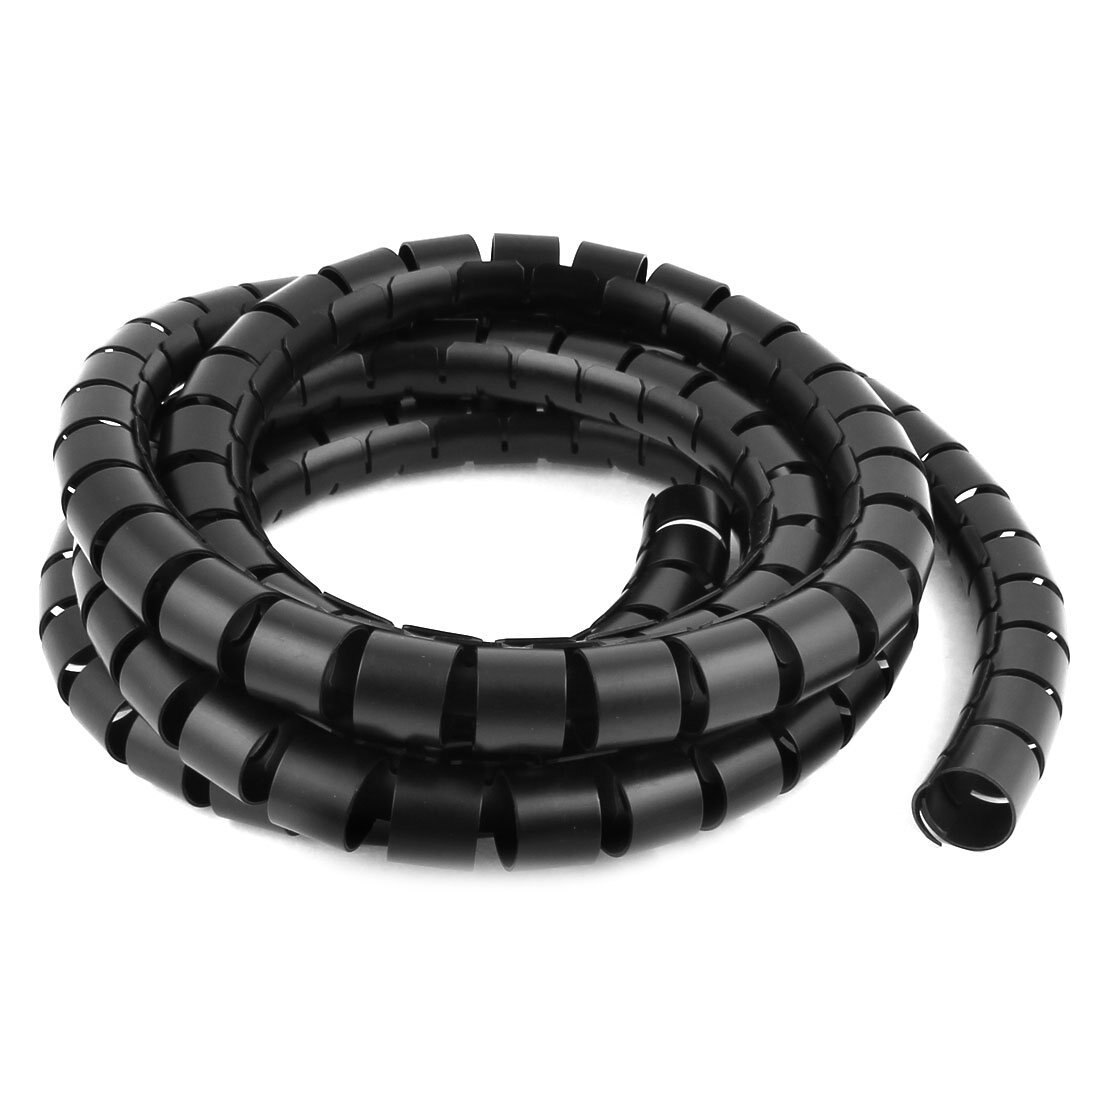 Tubo espiral de alta calidad, Cable de envoltura de Cable, gestión del Cable de la computadora, 30mm x 3M, negro